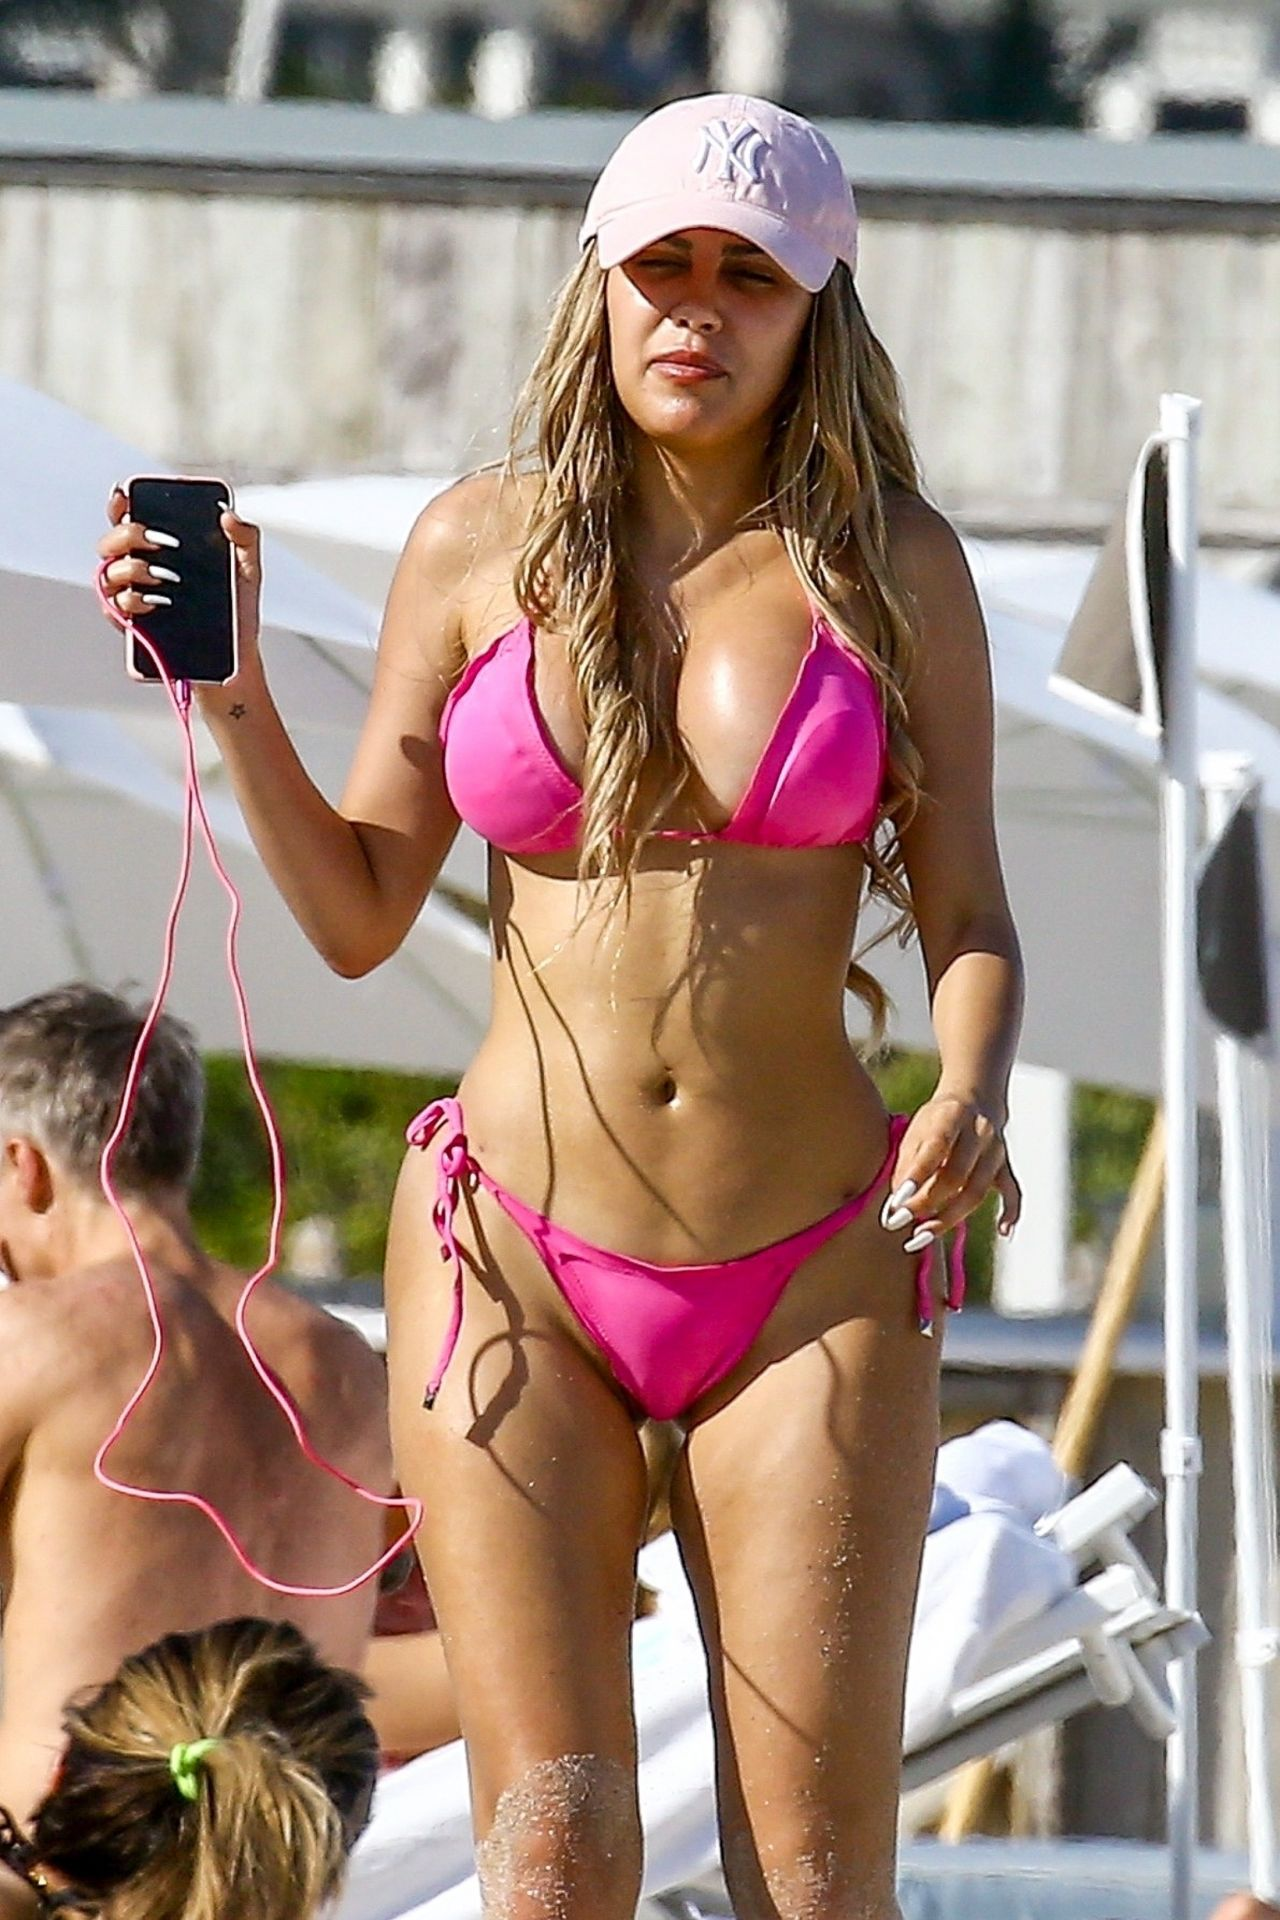 Com pink bikini #6